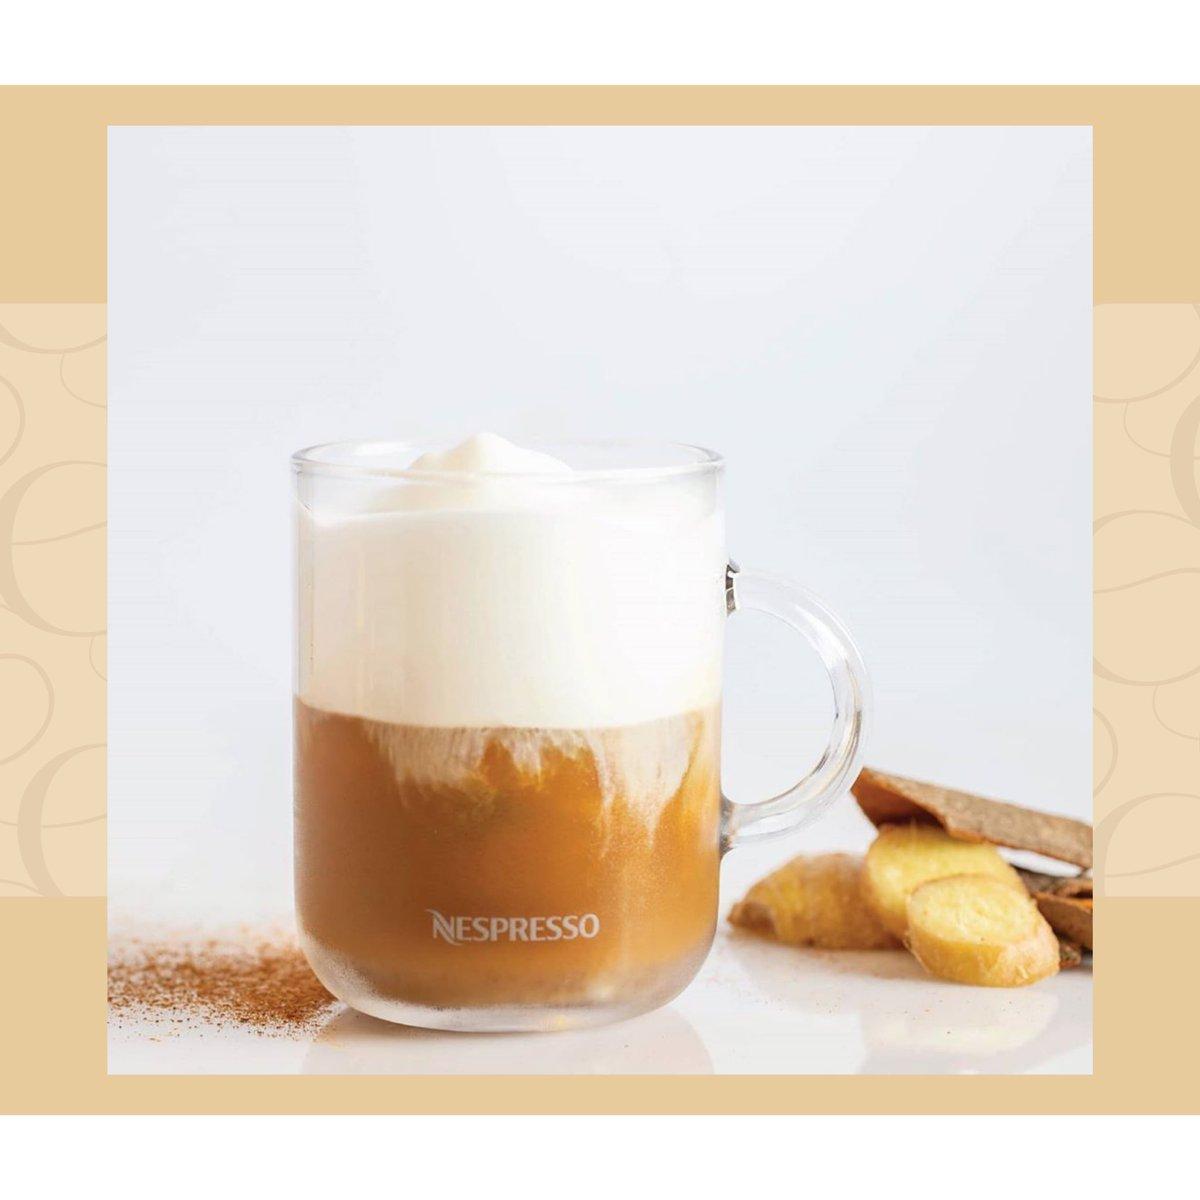 استمتعوا بقهوة آيس لاتيه الزنجبيل والقرفة لدى نيسبريسو في أجواء الخريف   Nespresso Iced Sweet & Spicy Latte is the perfect recipe for Autumn season  #centria #centriamall #riyadh #ksa #السعودية #الریاض #سنتریا_مول #سنتریا #نيسبريسو #nespresso https://t.co/pvtqVlex4d